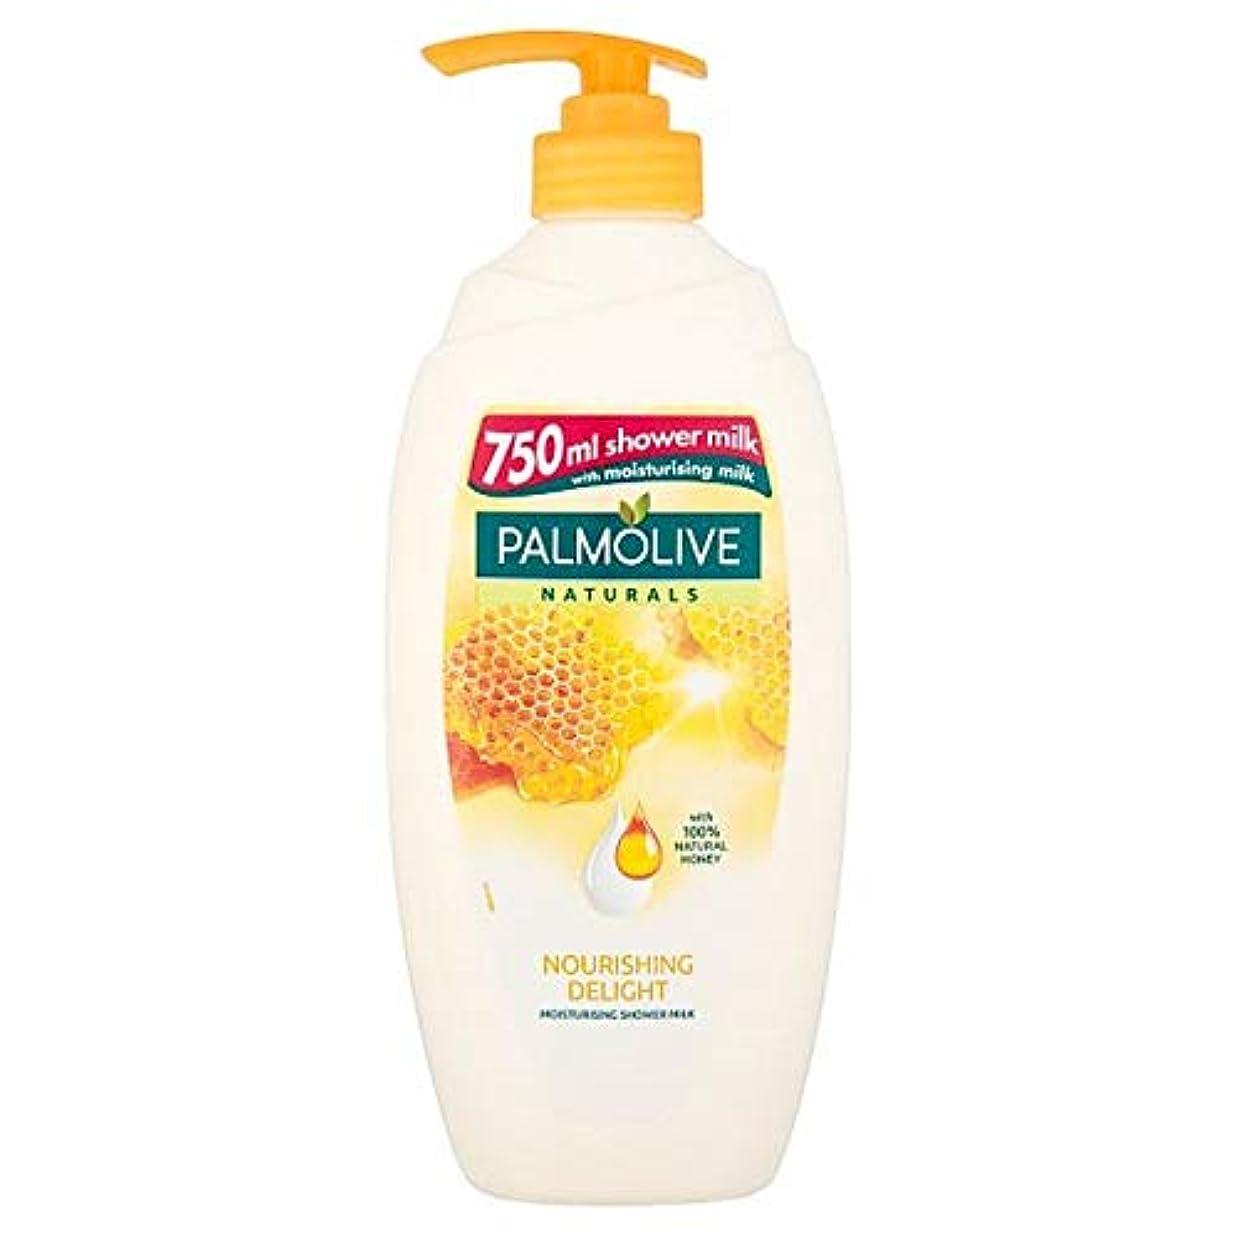 グロー去る長々と[Palmolive ] パルモナチュラルミルクとはちみつシャワージェル750ミリリットル - Palmolive Naturals Milk And Honey Shower Gel 750Ml [並行輸入品]